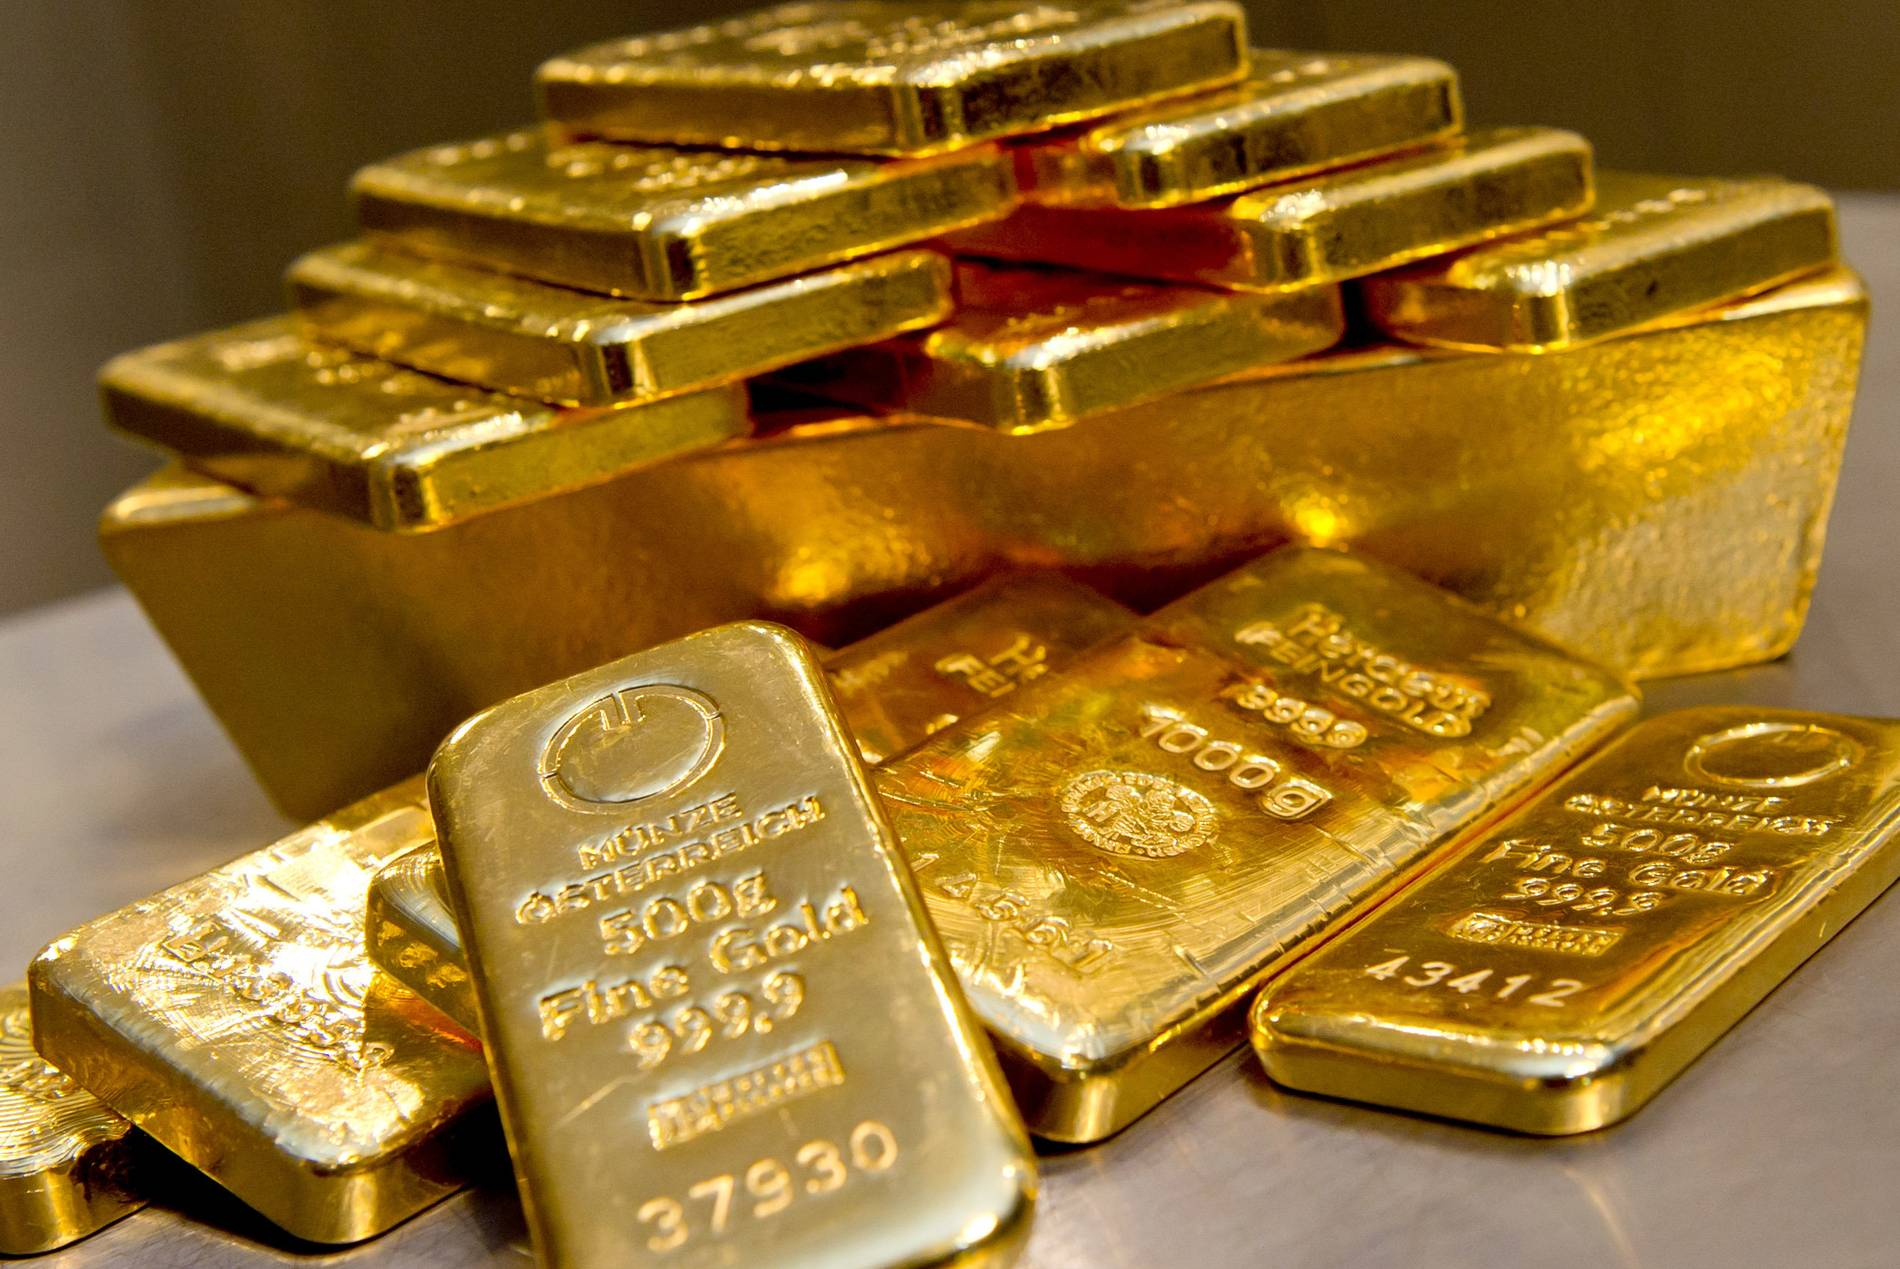 Goldpreis knackt erstmals Marke von 2000 Dollar pro Unze